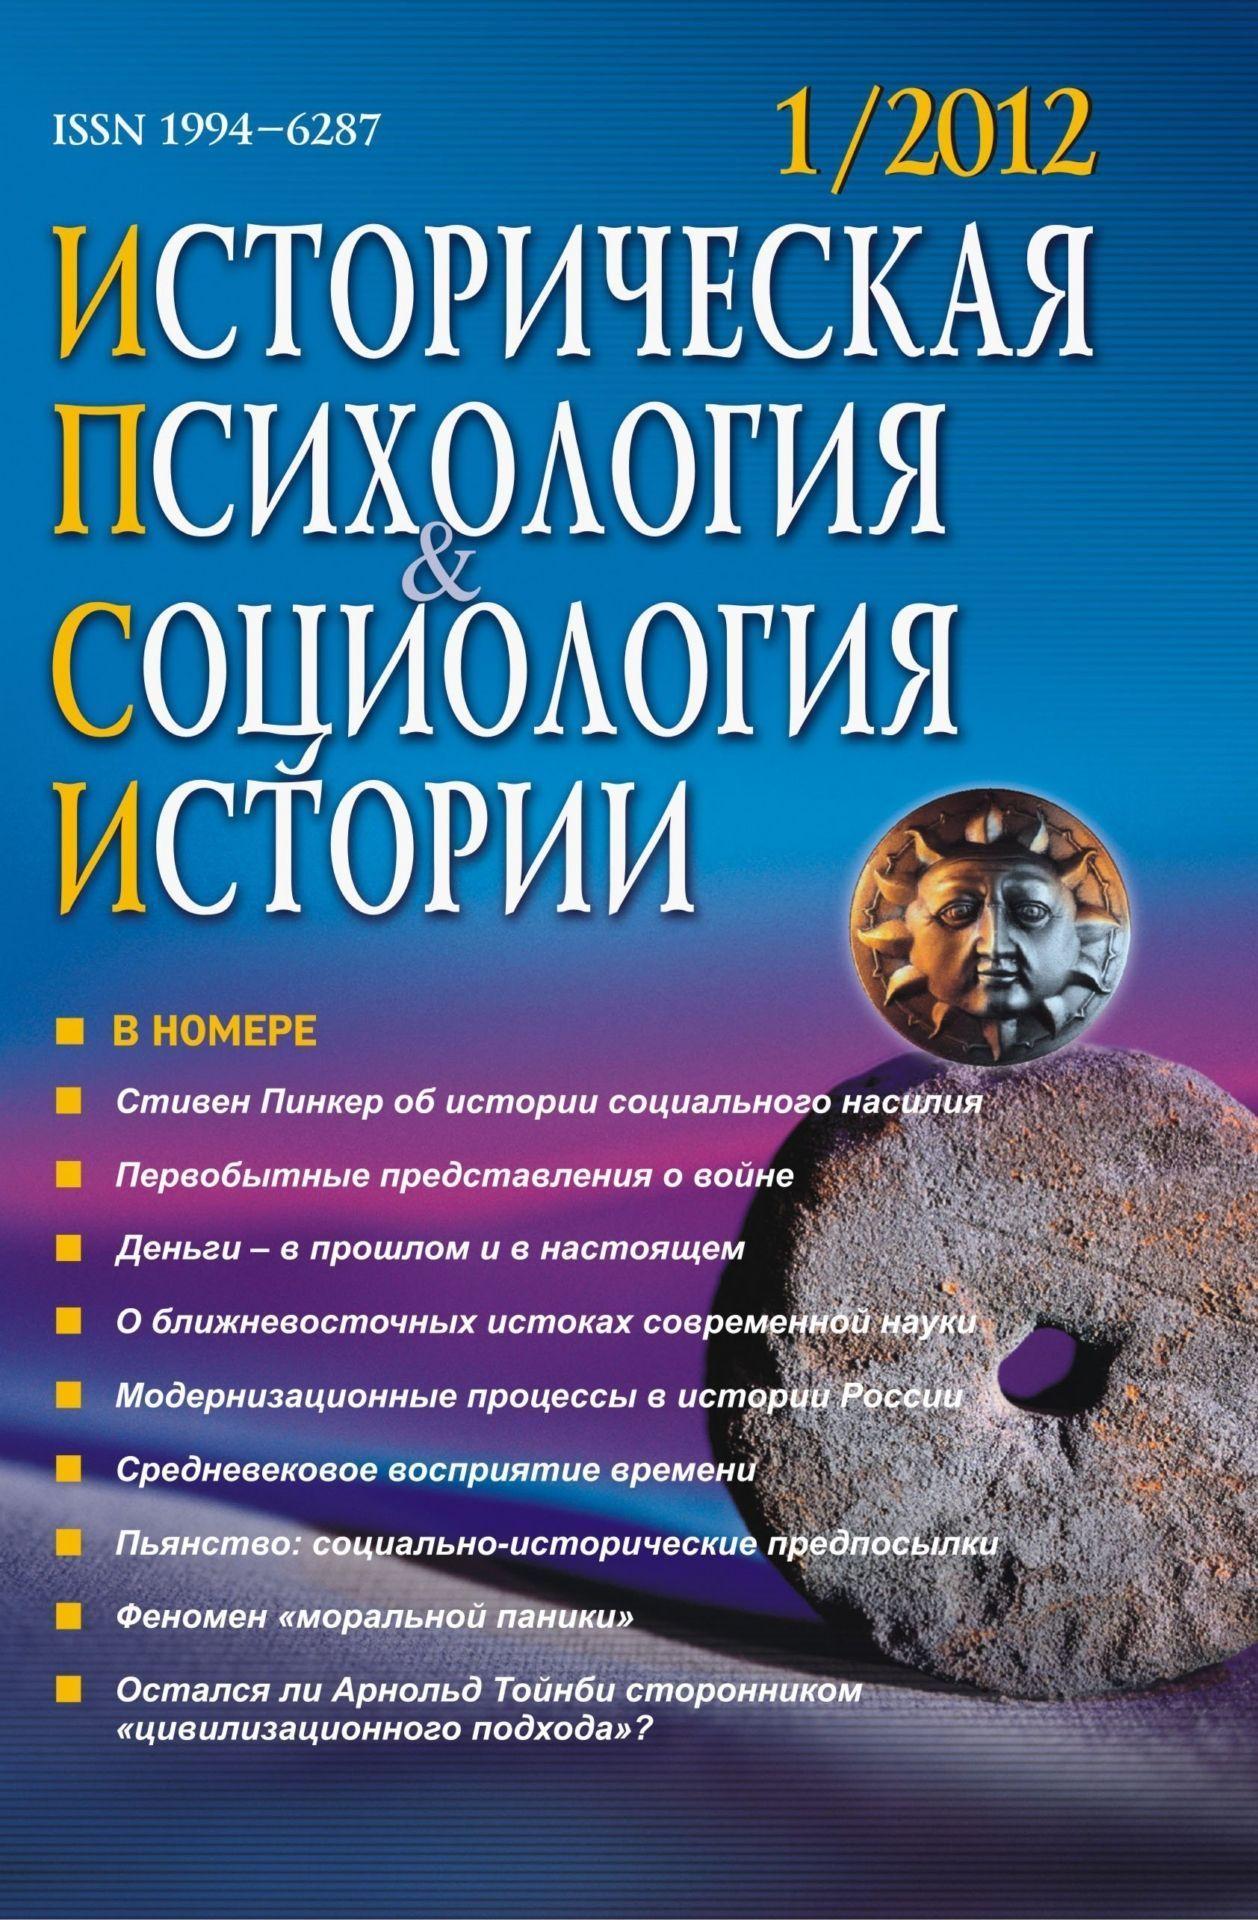 Историческая психология и социология истории. № 1, 2012 г. Научно-теоретический журнал.